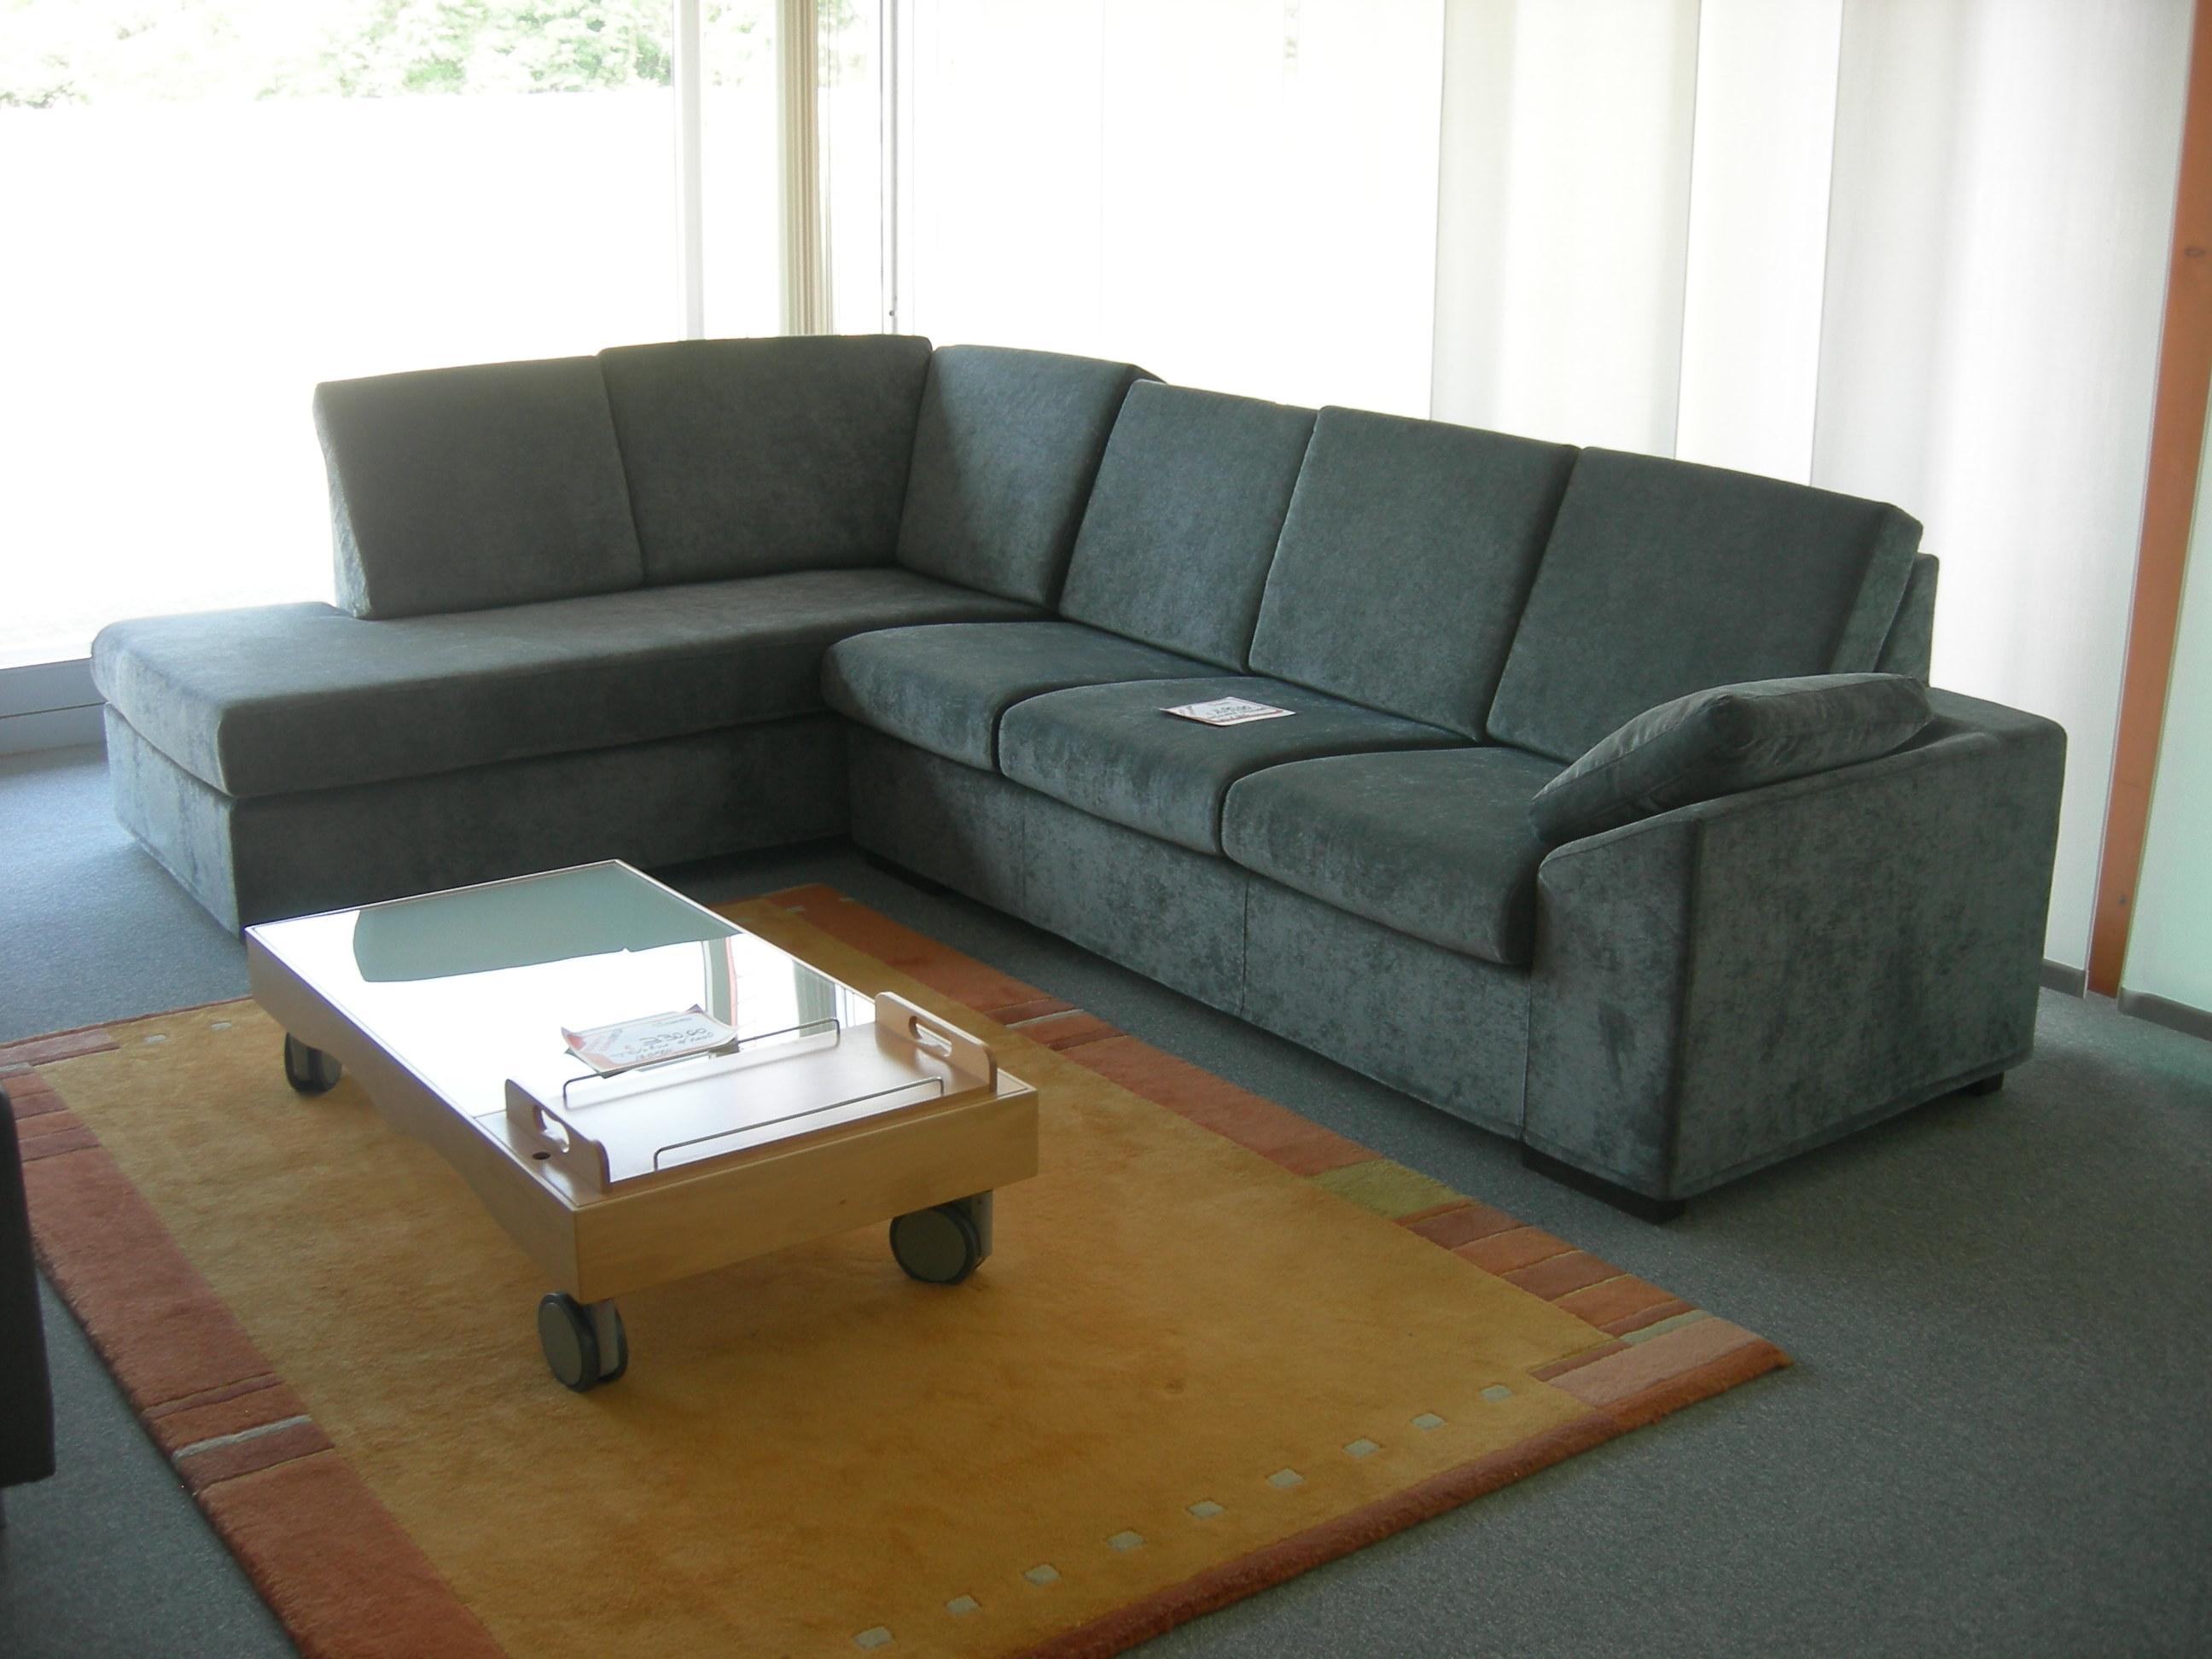 Rivestimento Divano Angolare: Composizione angolare divano senjor ...